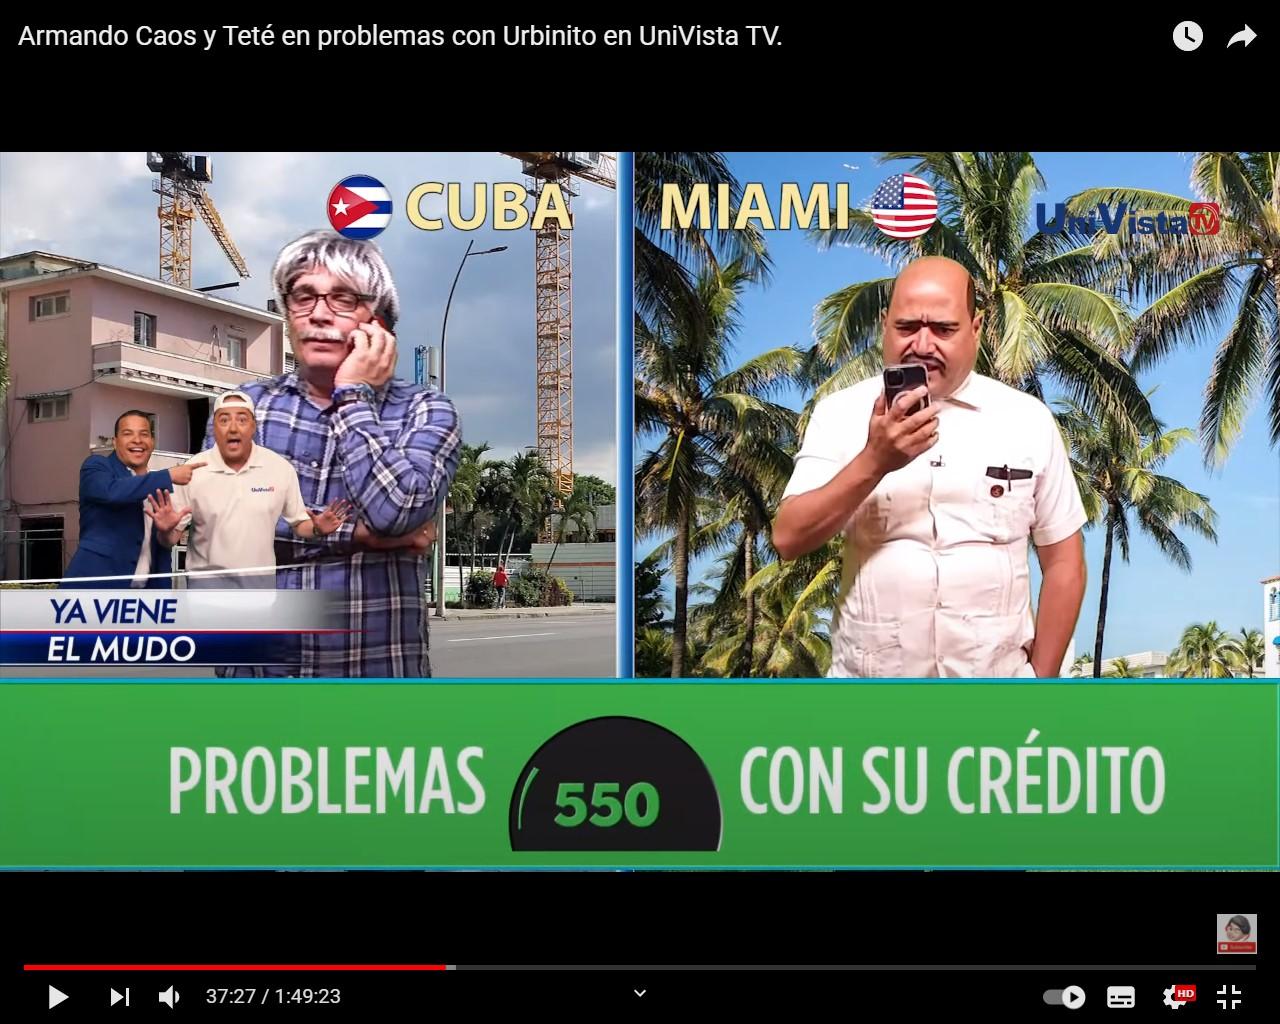 Facundo pide a Cardentey revisar los maletines de los peloteros cubanos